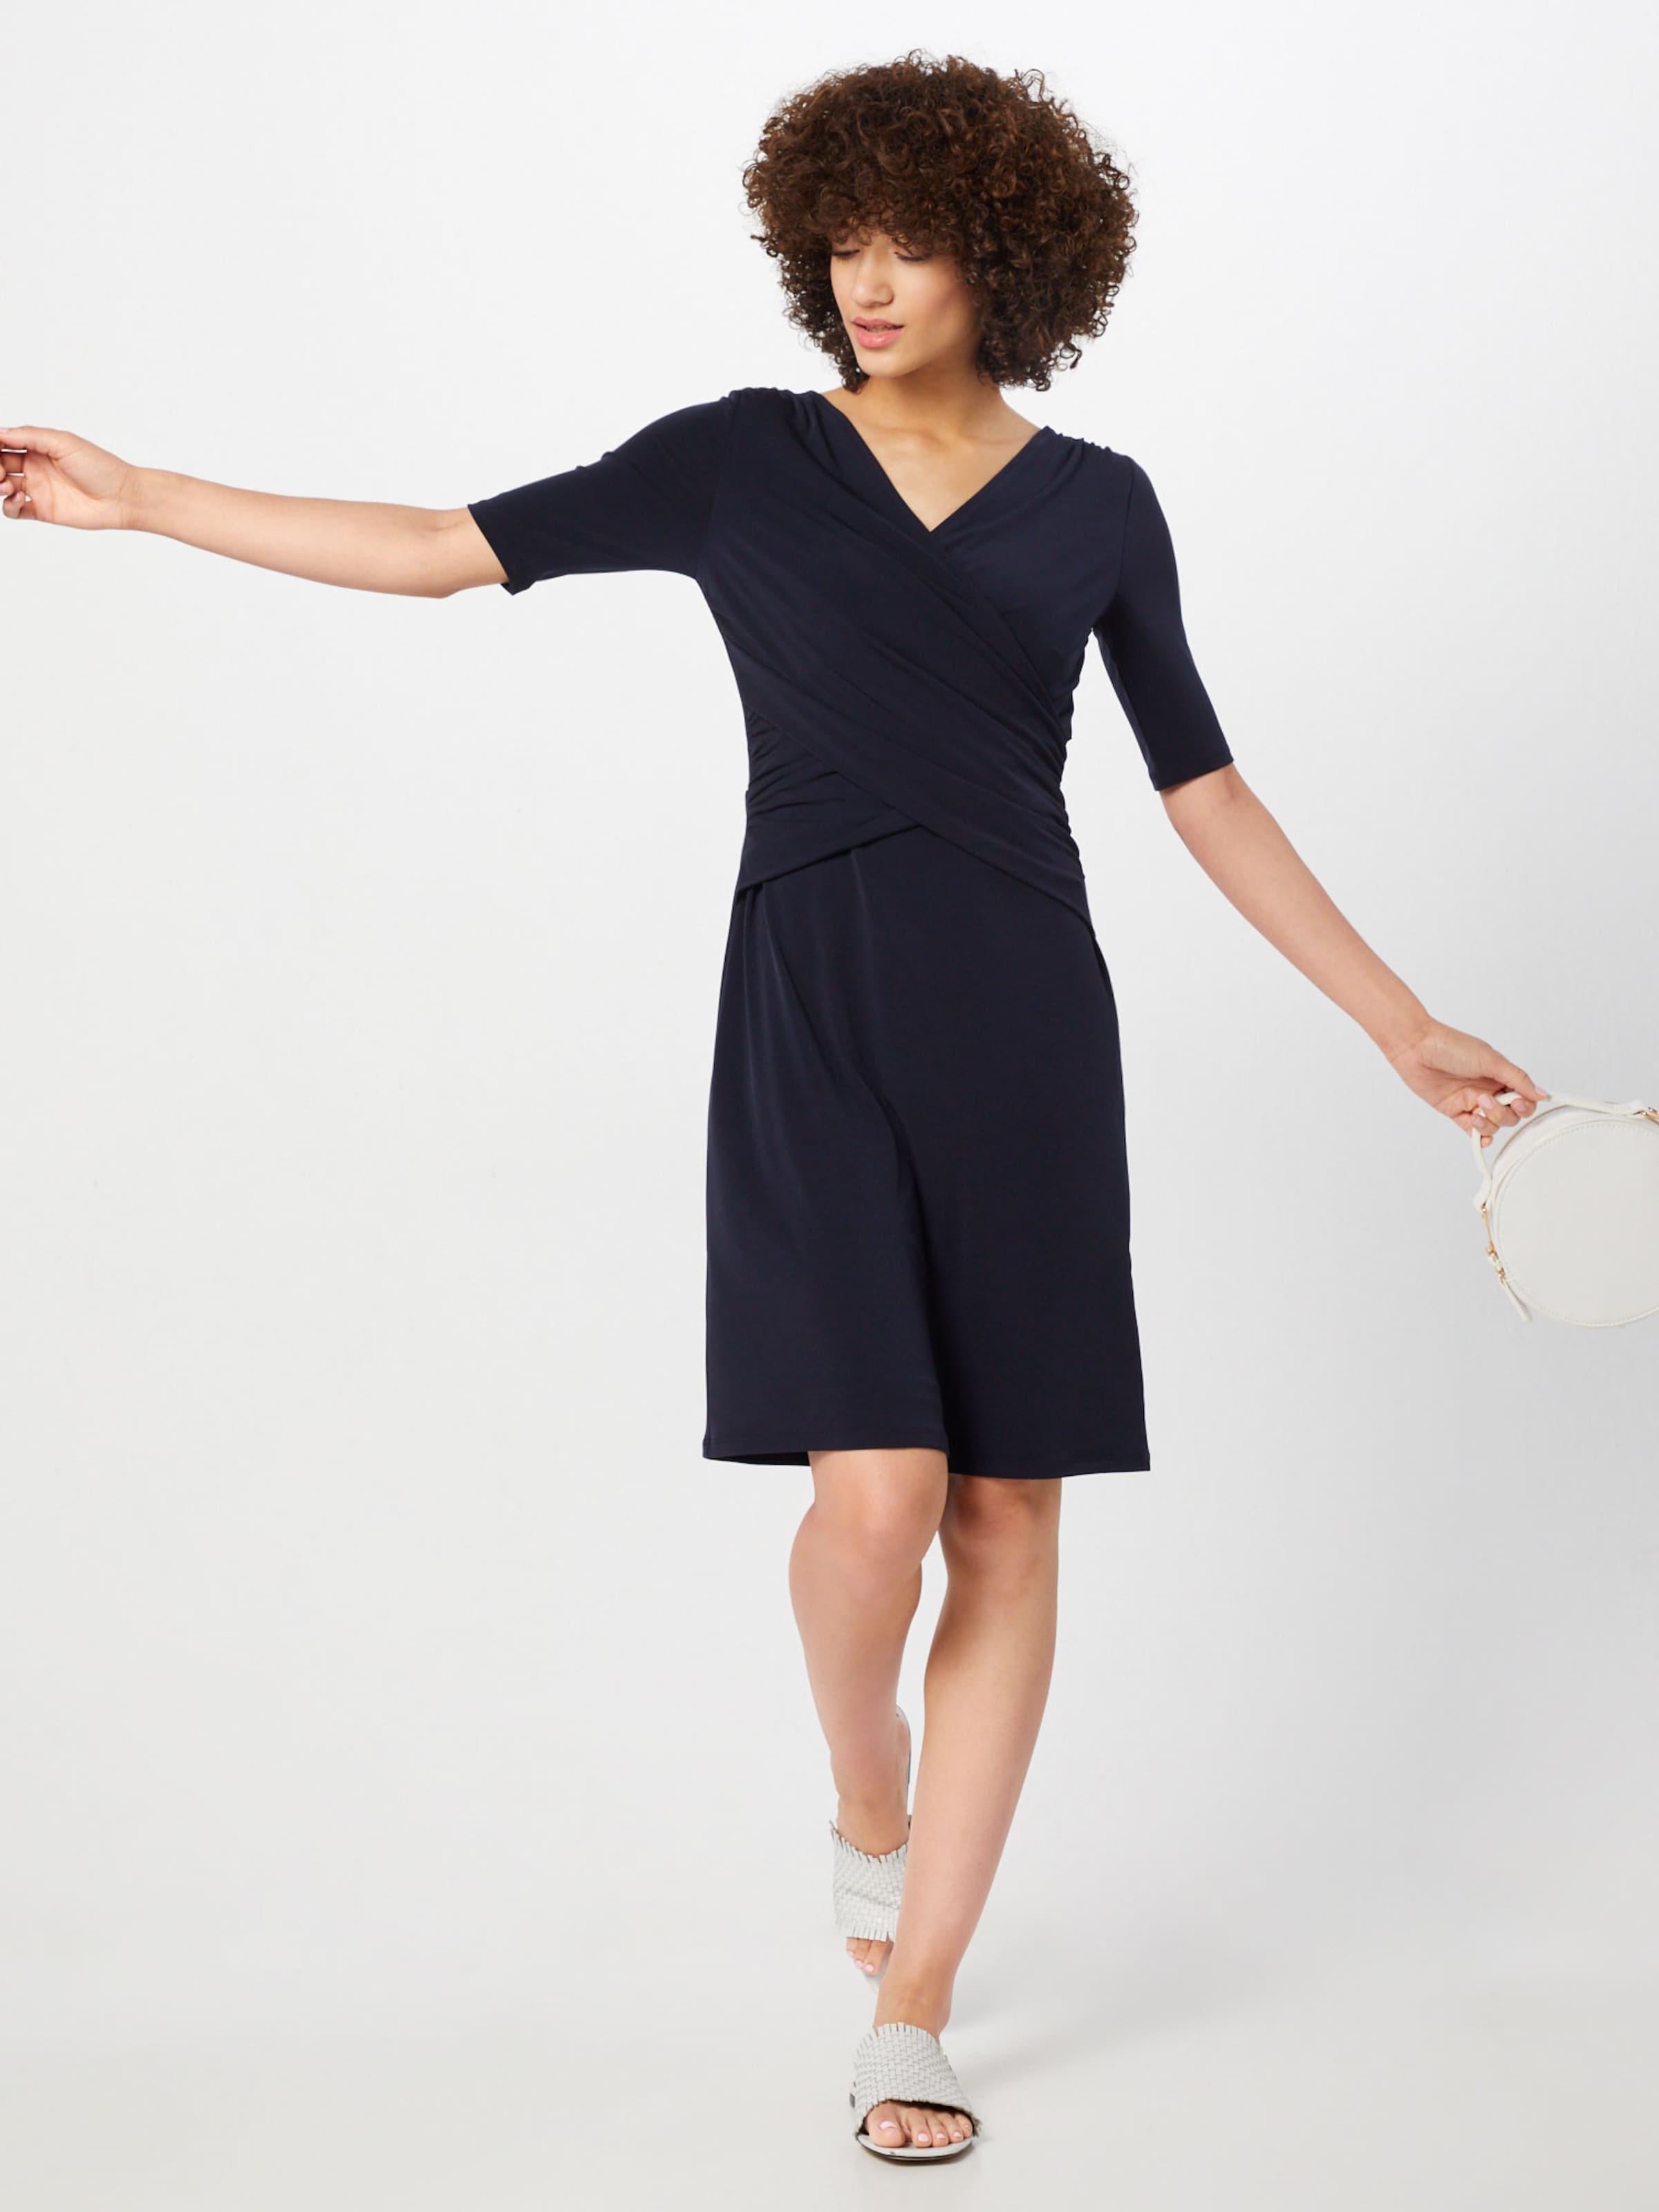 In oliver Nachtblau Kleid Black S Label lJTK13Fc